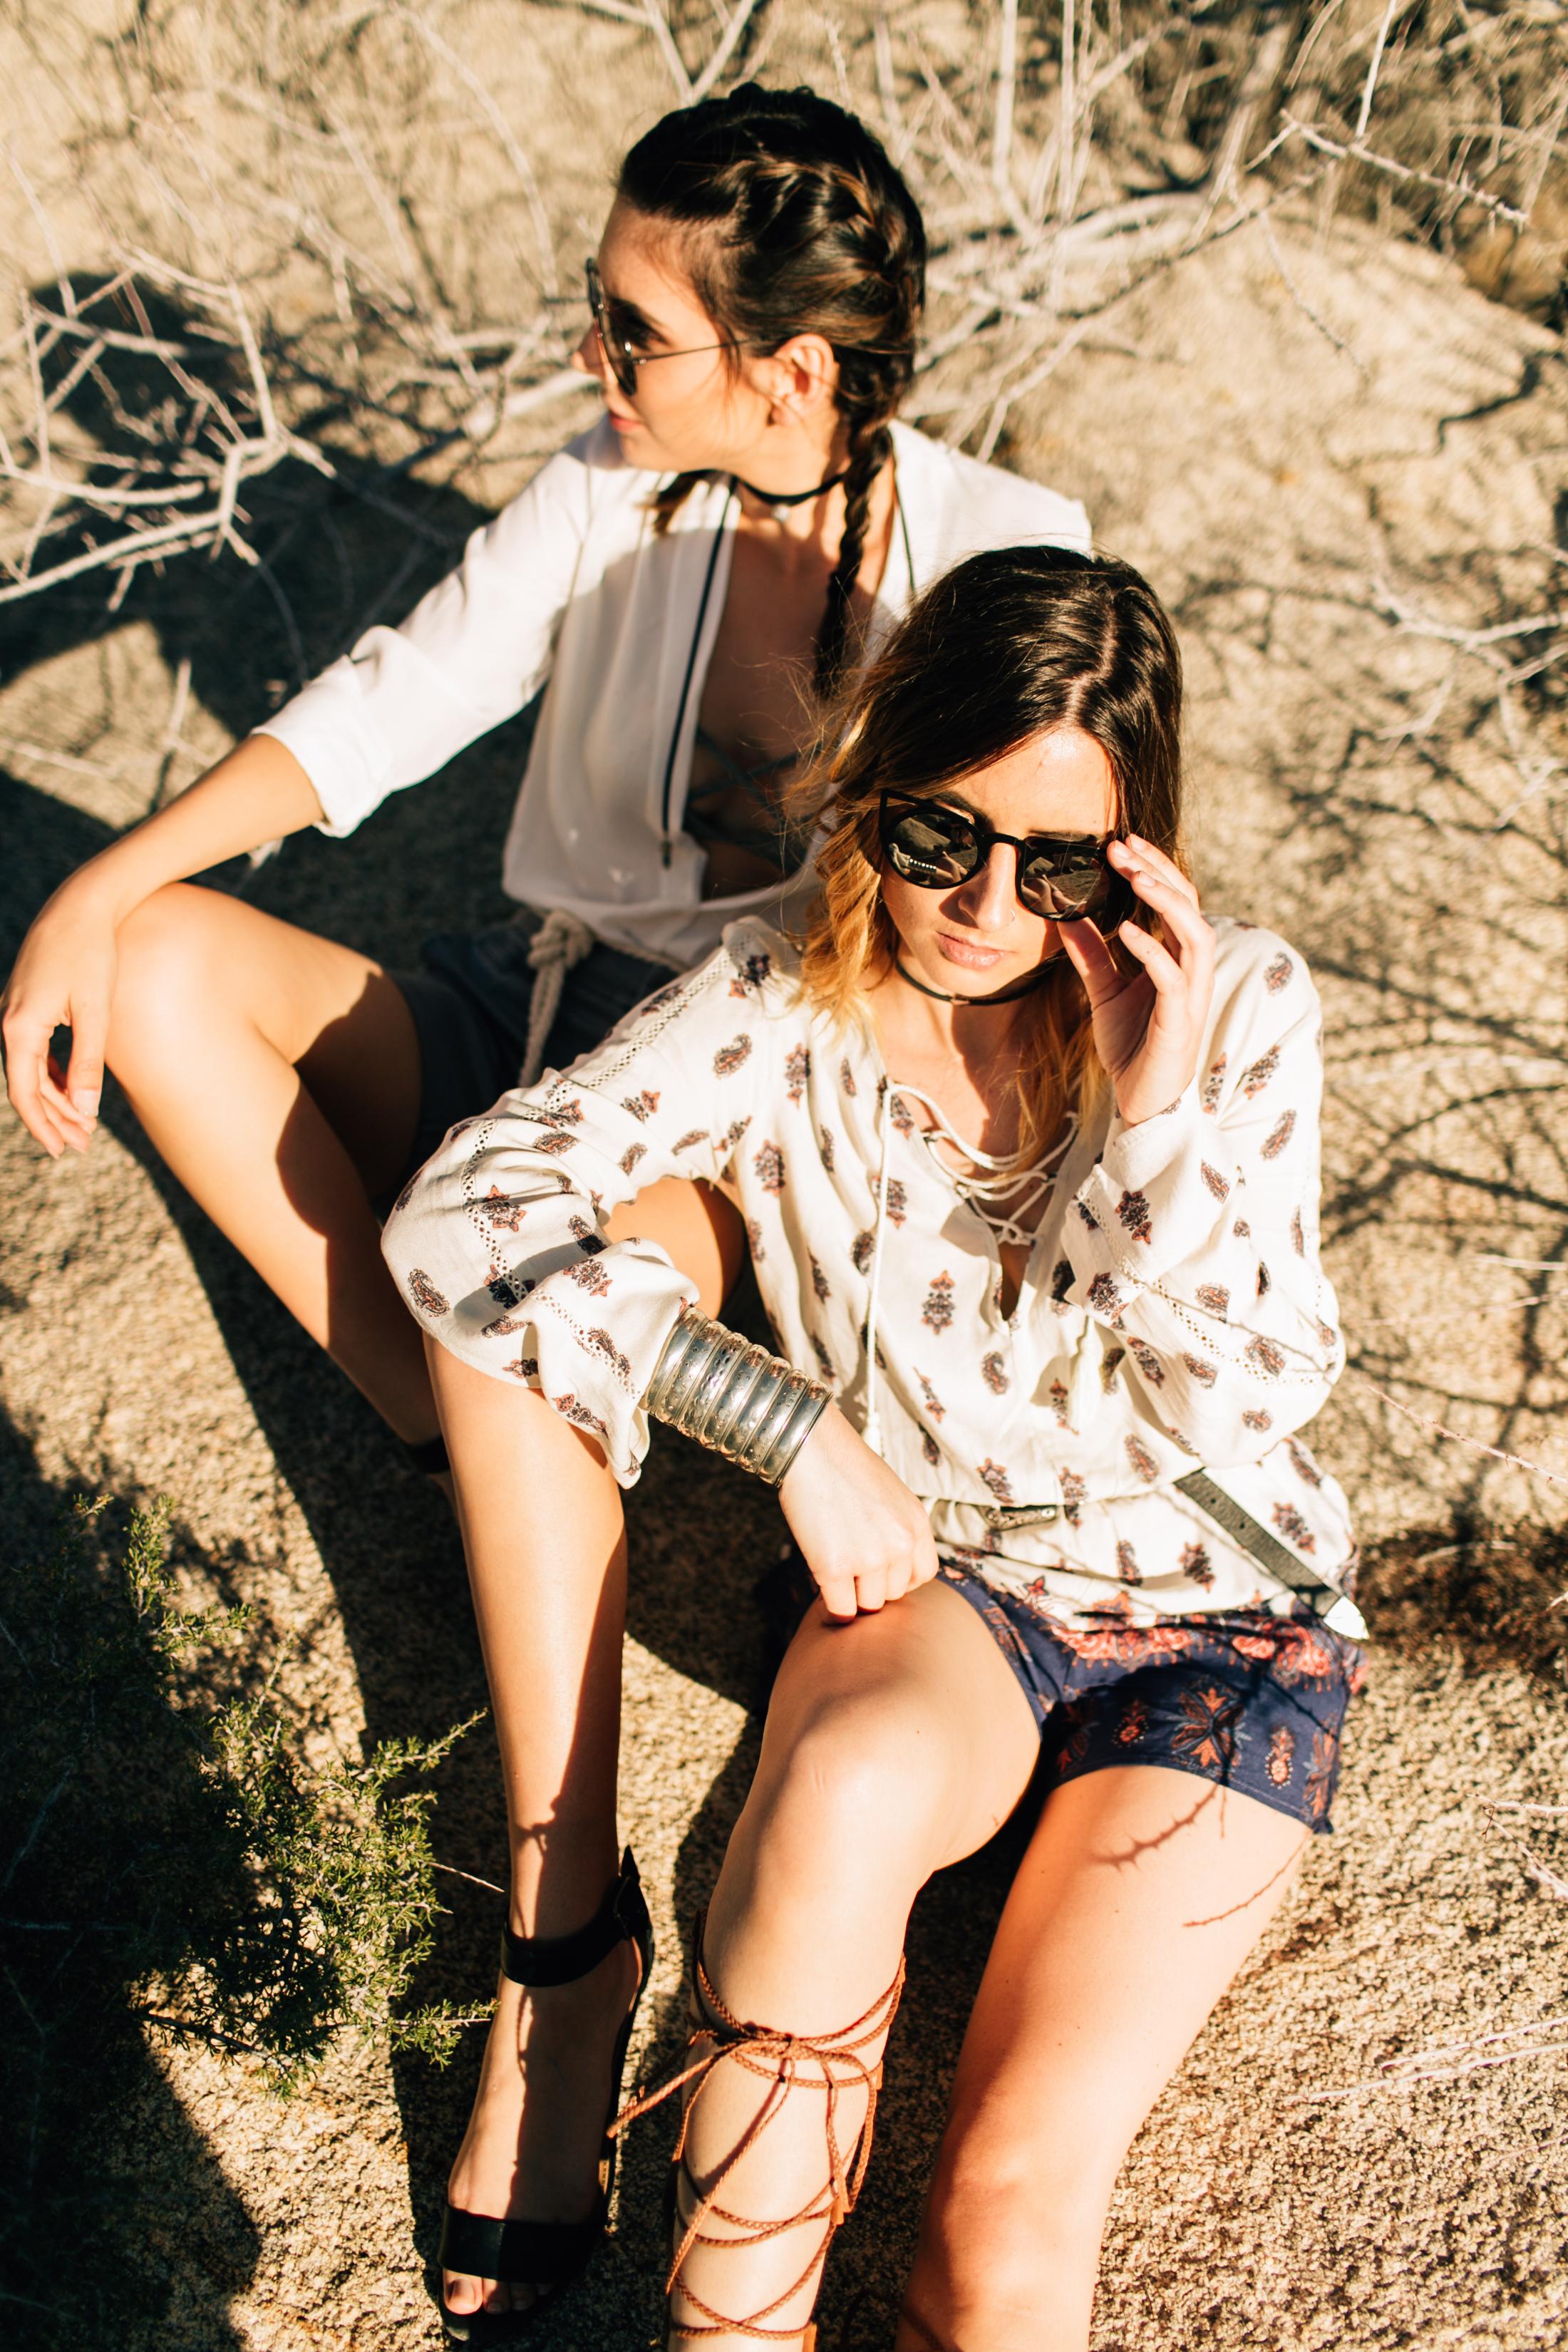 JennaBechtholtPhotography-448.jpg